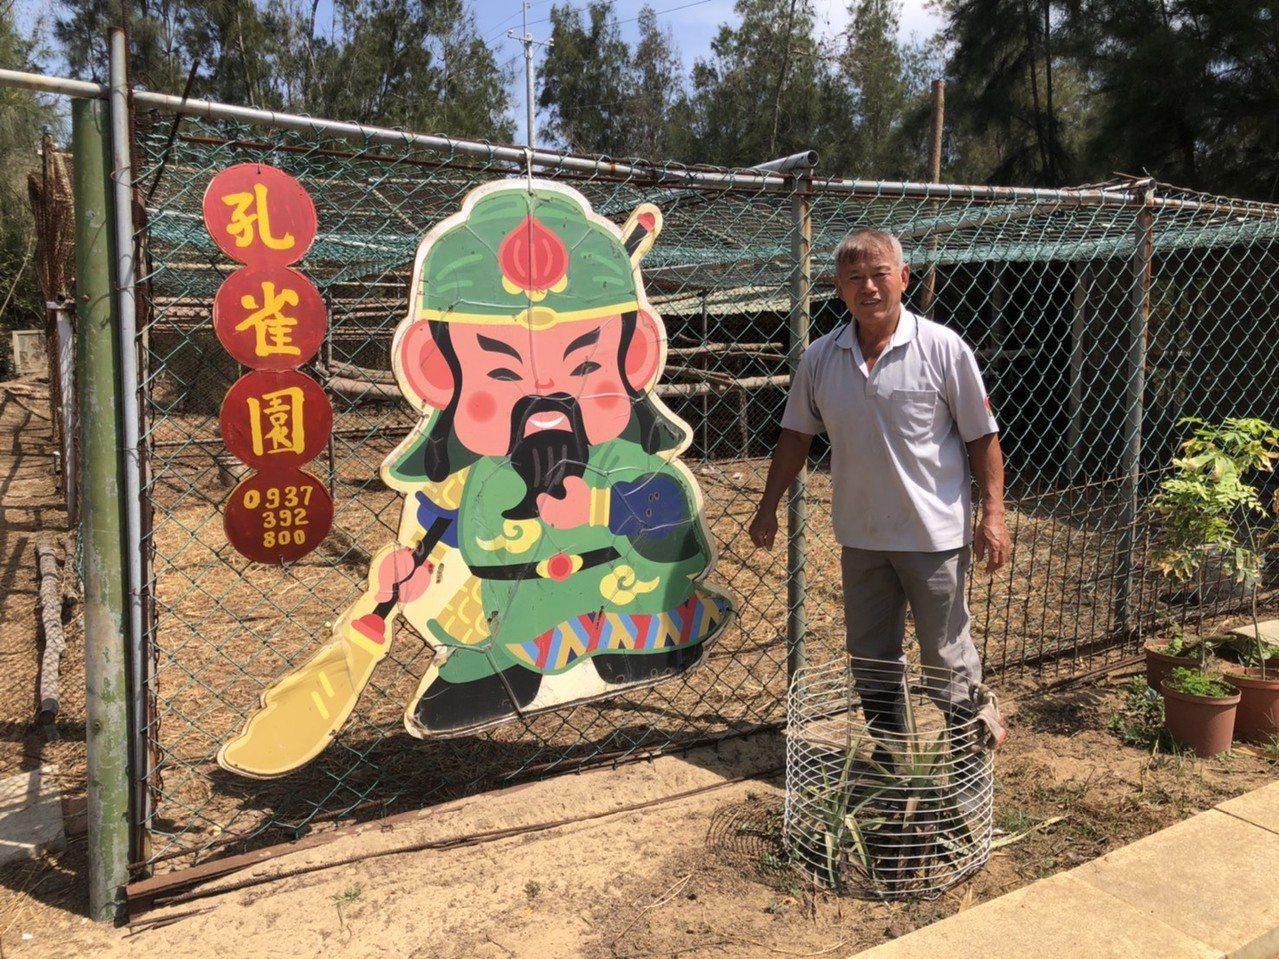 退休教師李策勵花了7年多,打造自己的農場與孔雀園,不少人慕名來參觀。 圖/蔡家蓁...